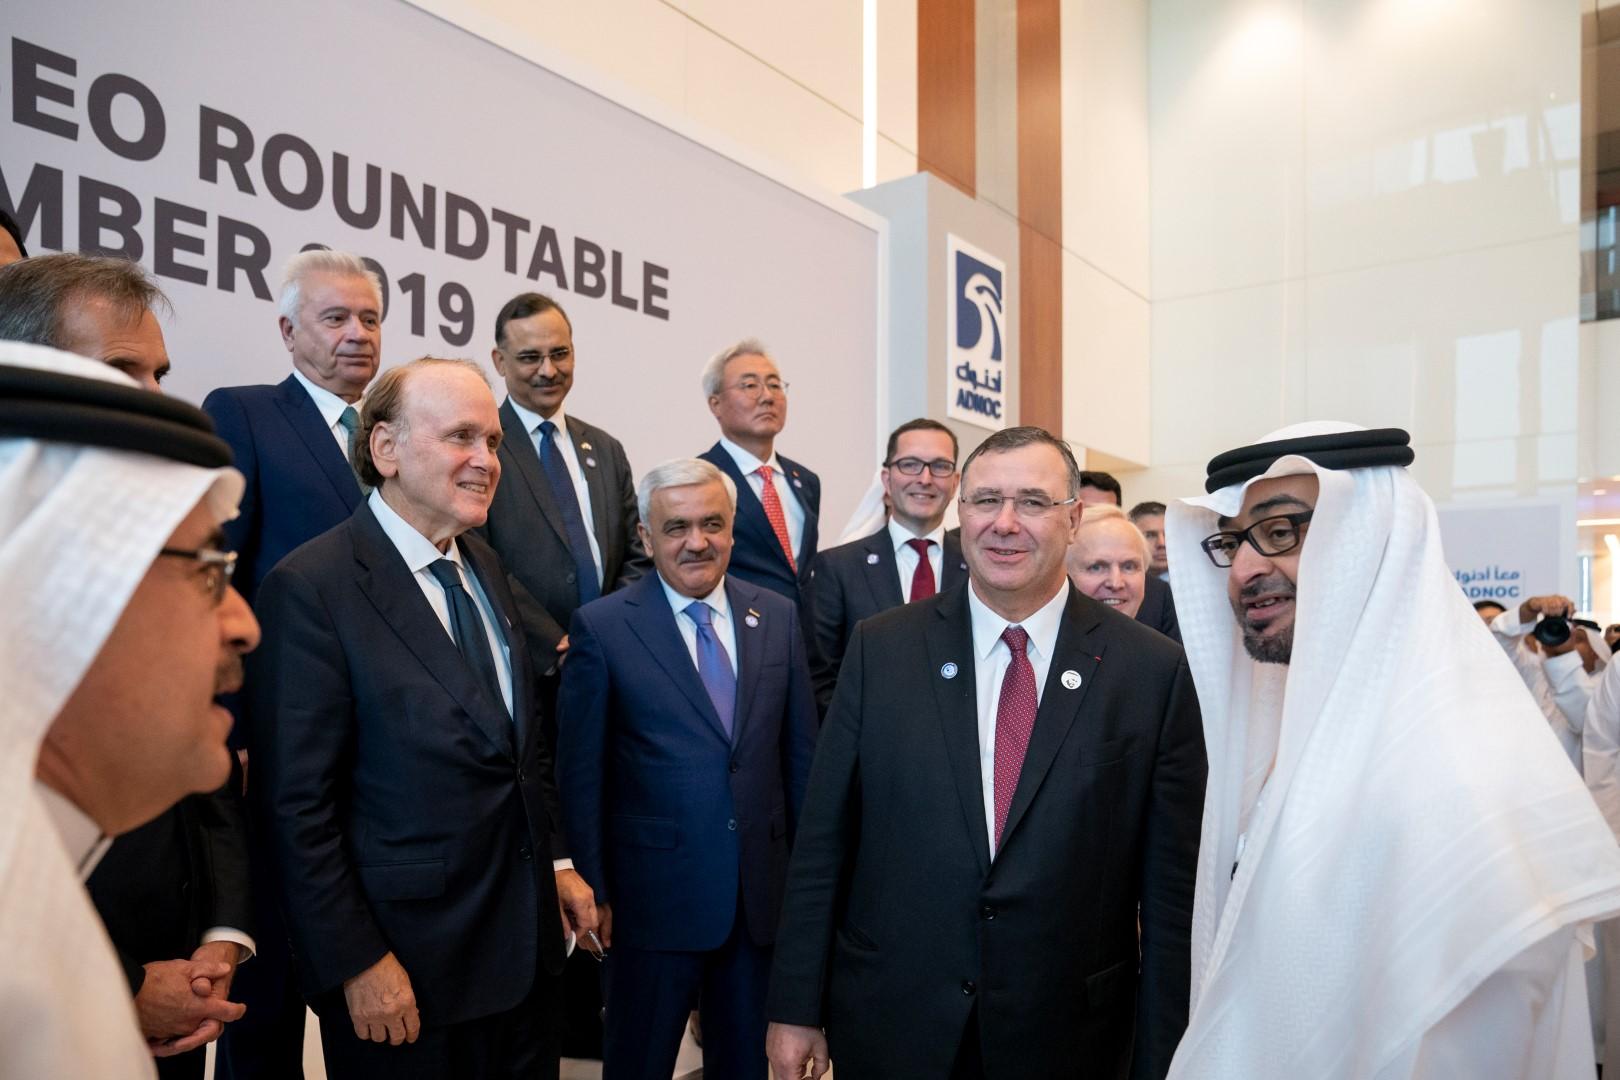 محمد بن زايد يحضر جانبا من ملتقى أبوظبي الرابع للرؤساء التنفيذيين